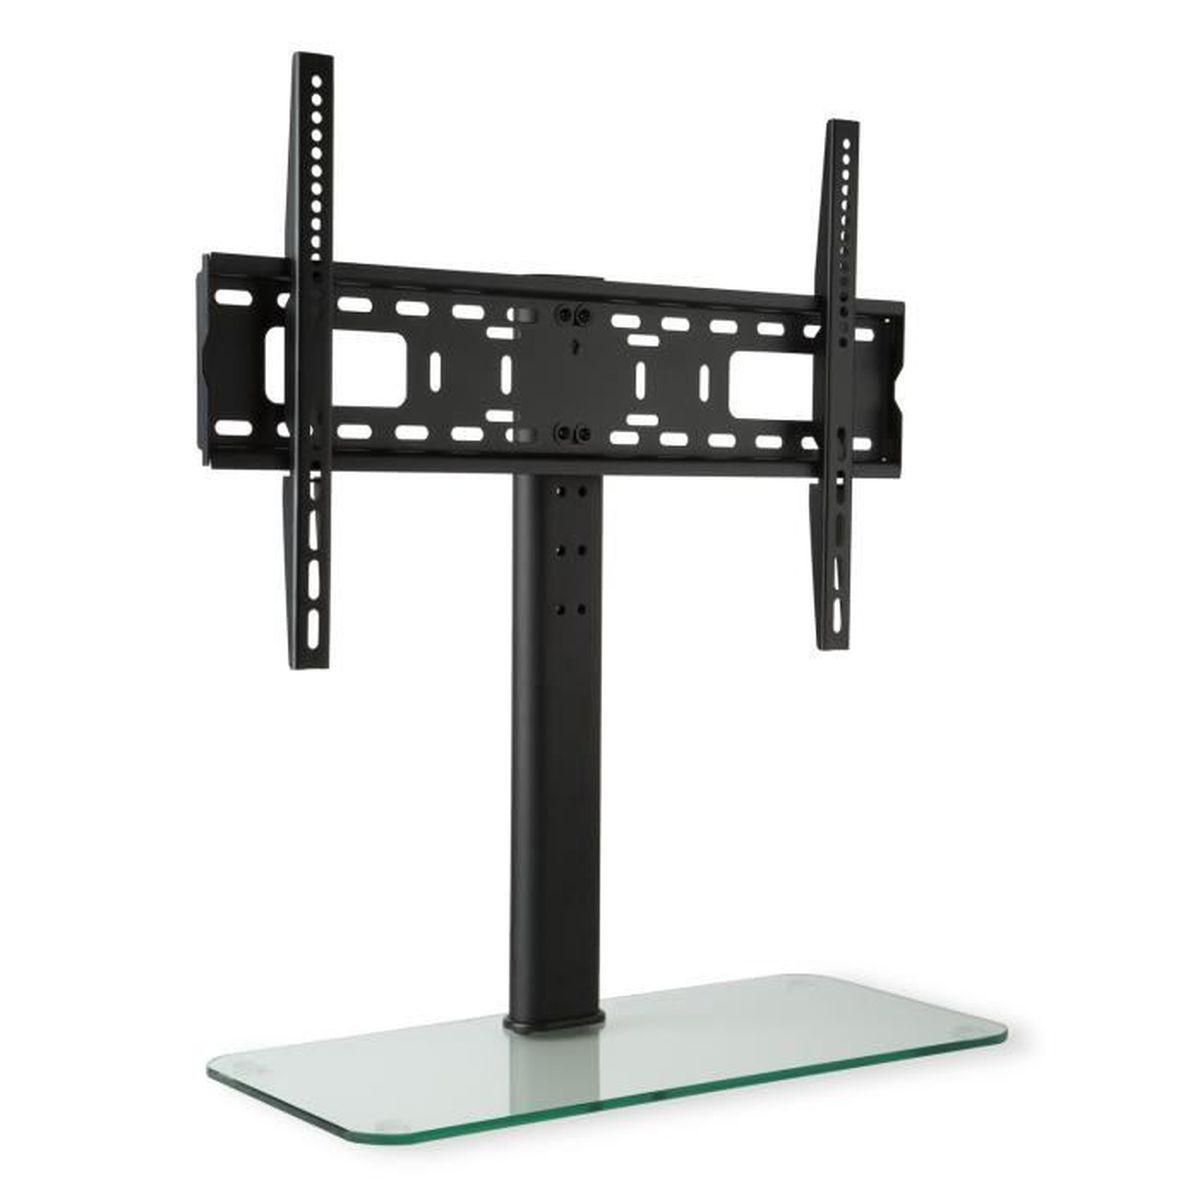 """FIXATION - SUPPORT TV auna Support TV taille L 76cm pour écrans 23 à 55"""""""